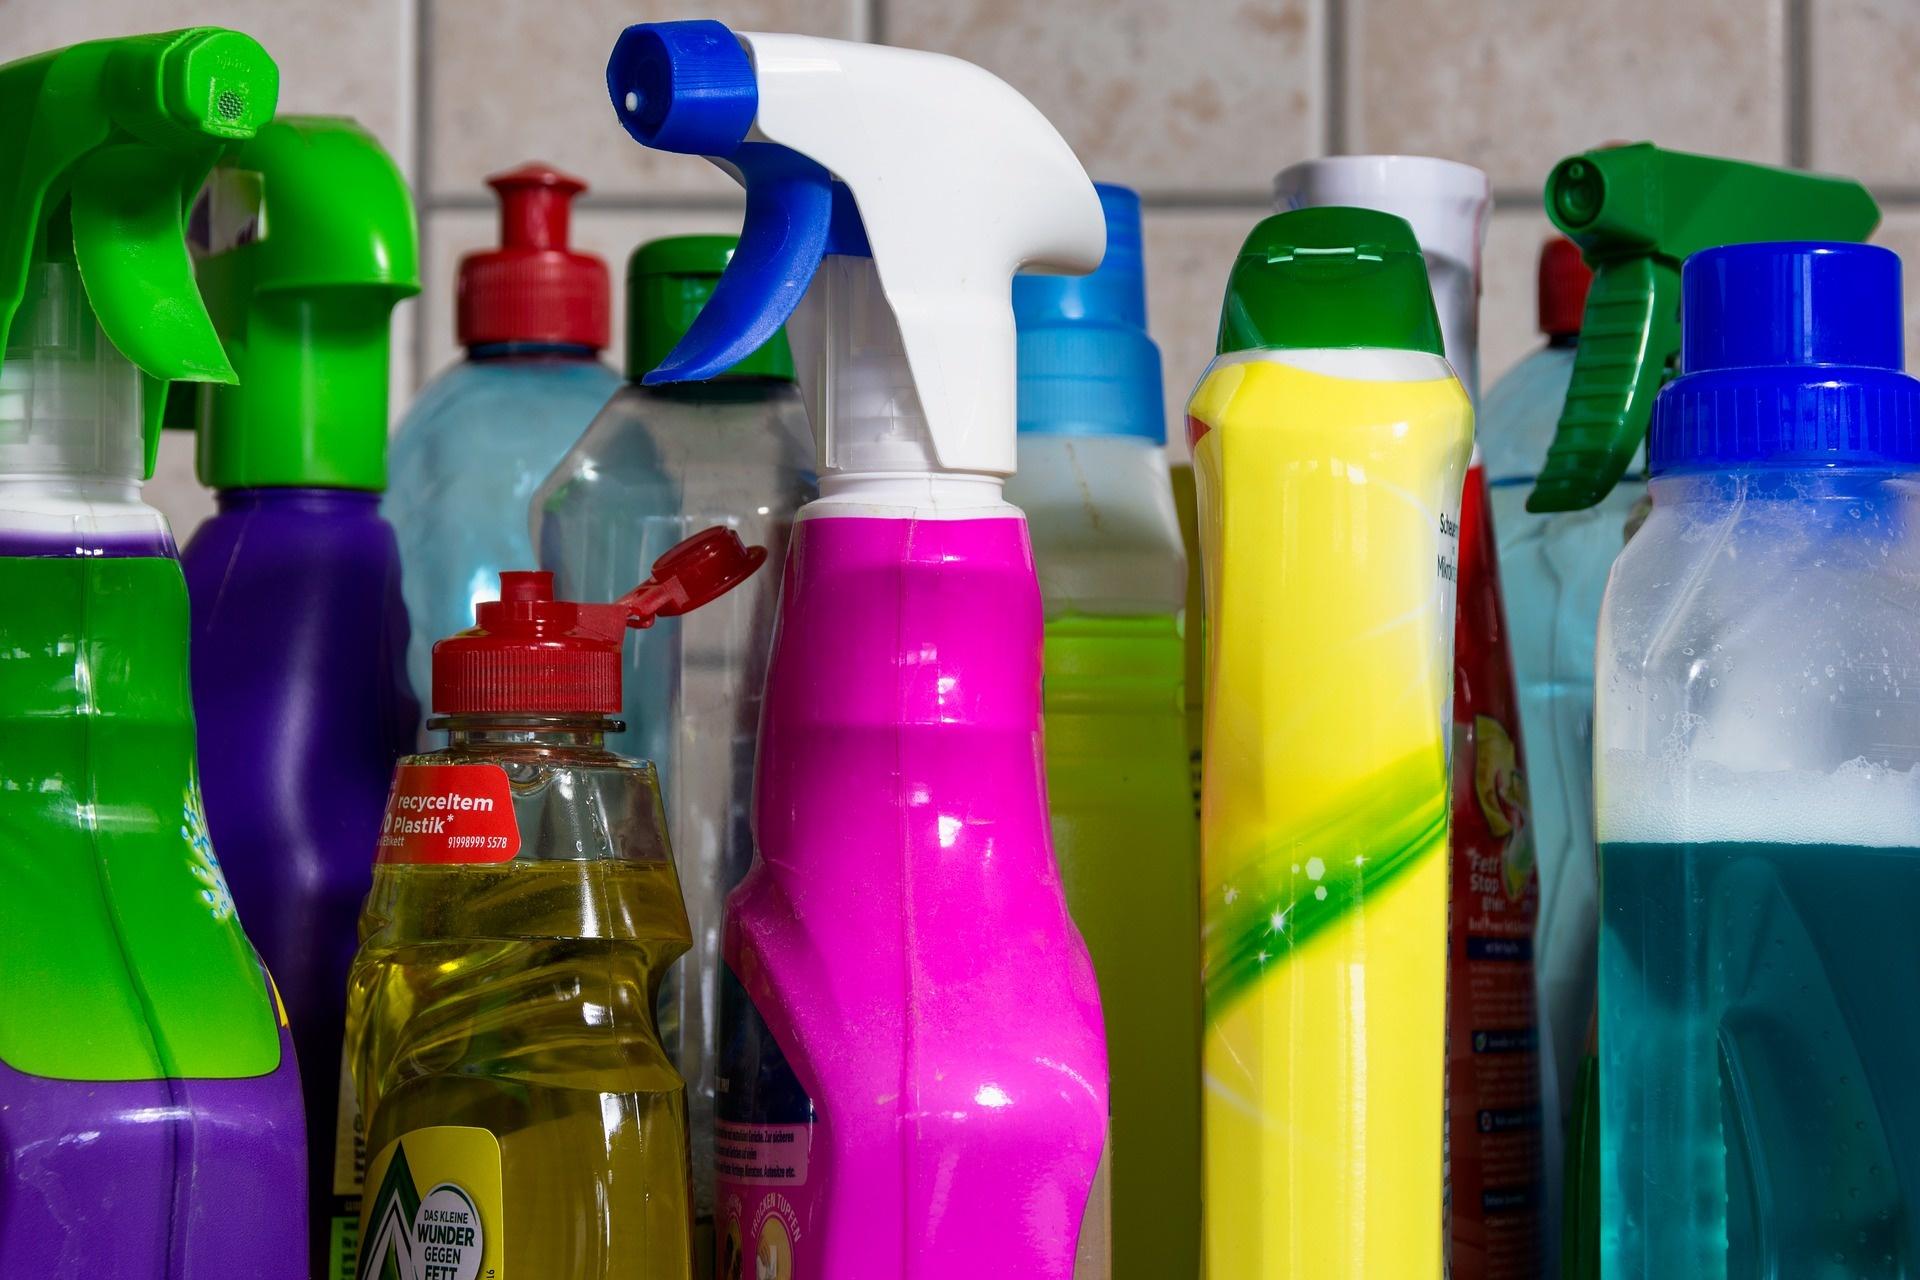 Ontsmetten, desinfecteren of schoonmaken: wat is het verschil?